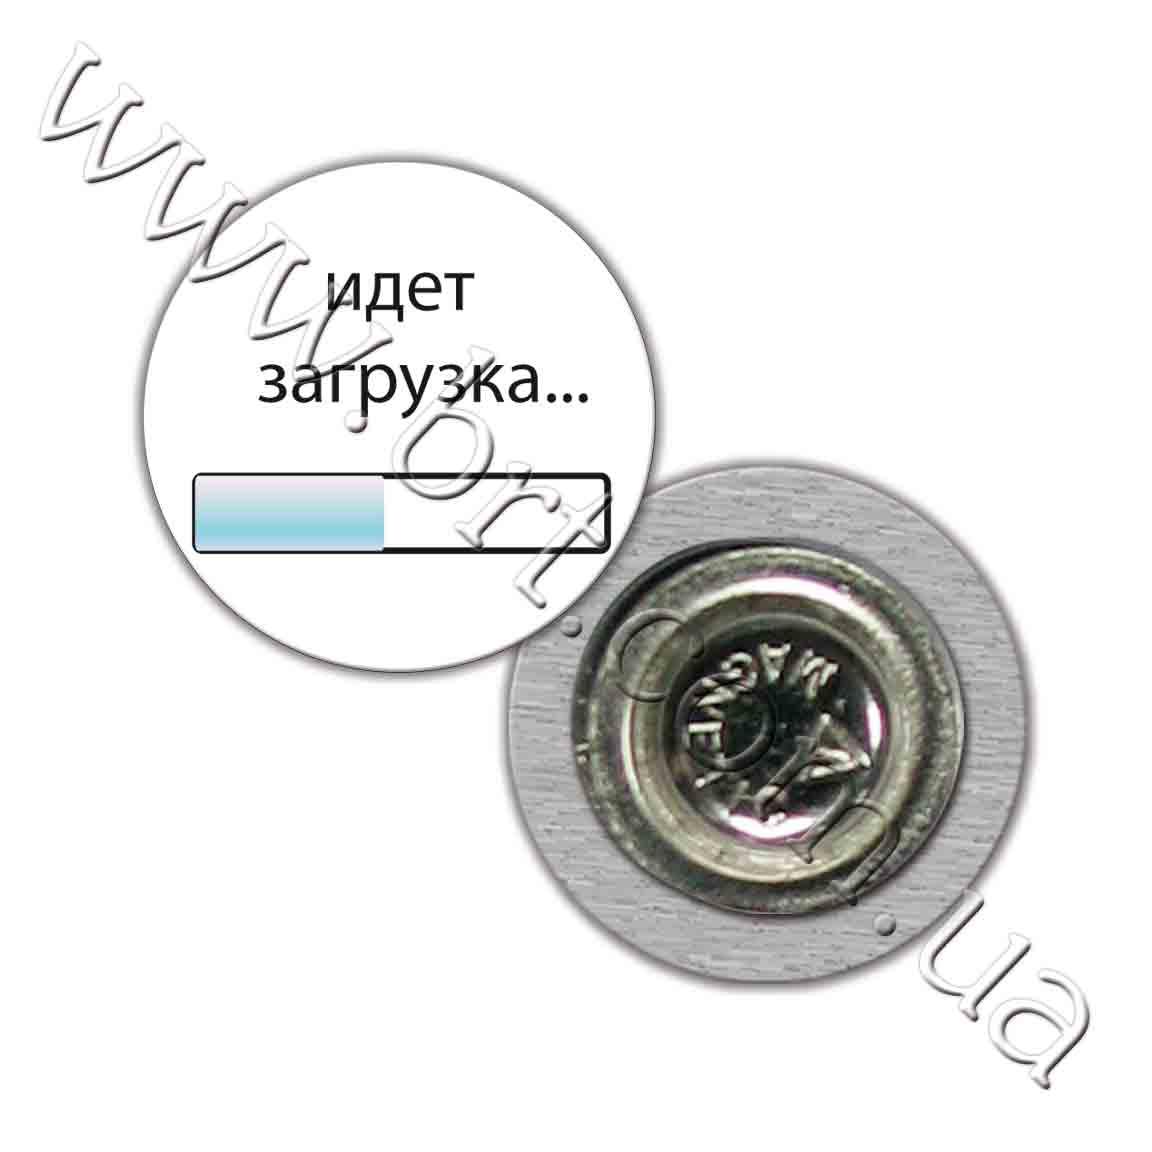 znachki_3